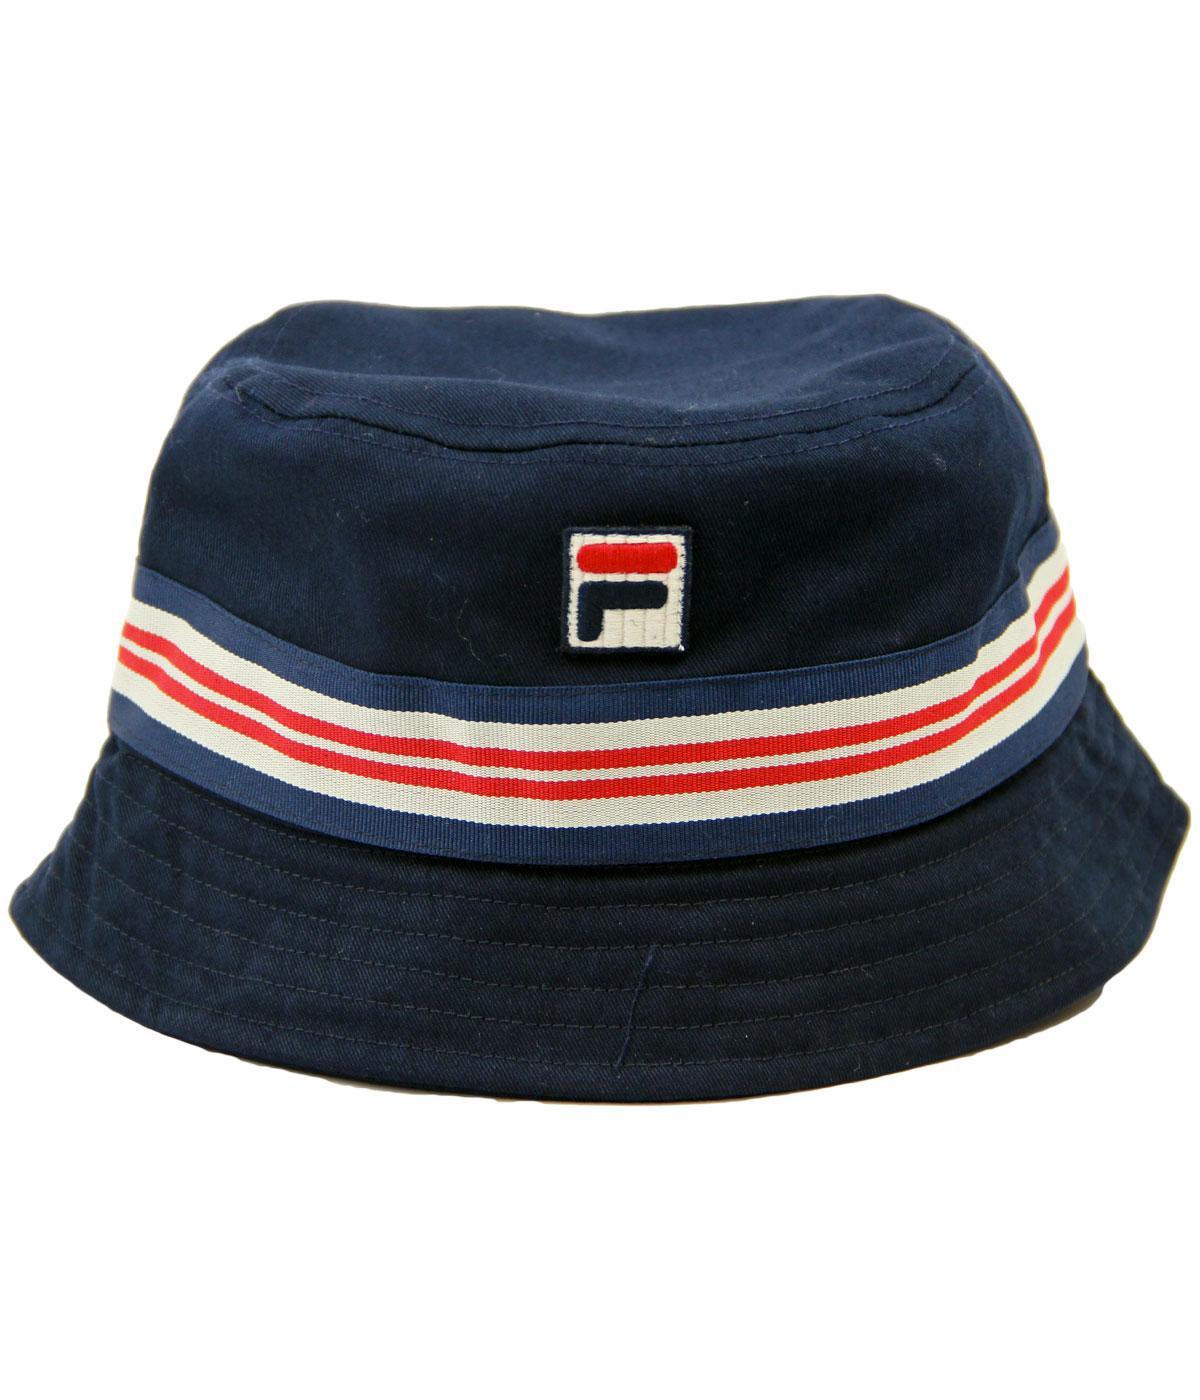 32bc2bd90 FILA VINTAGE Casper Retro Indie Britpop Stripe Trim Bucket Hat